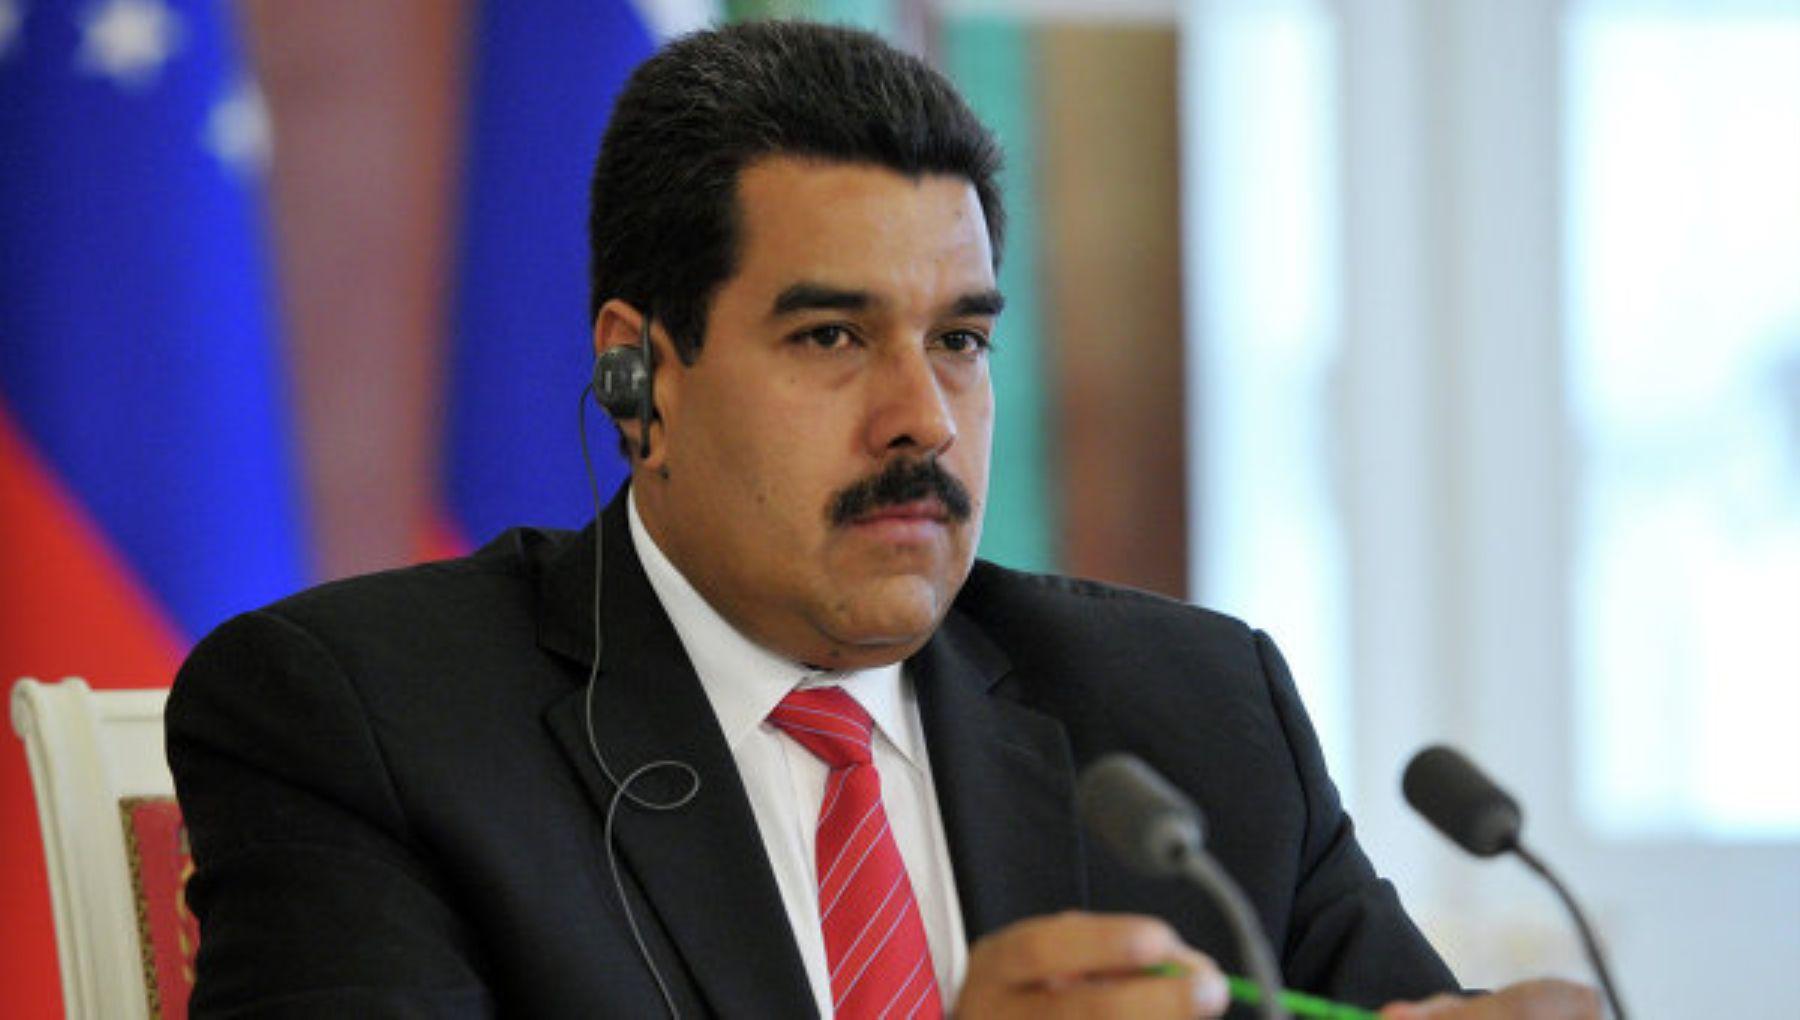 Presidente de Venezuela, Nicolás Maduro. INTERNET/Medios